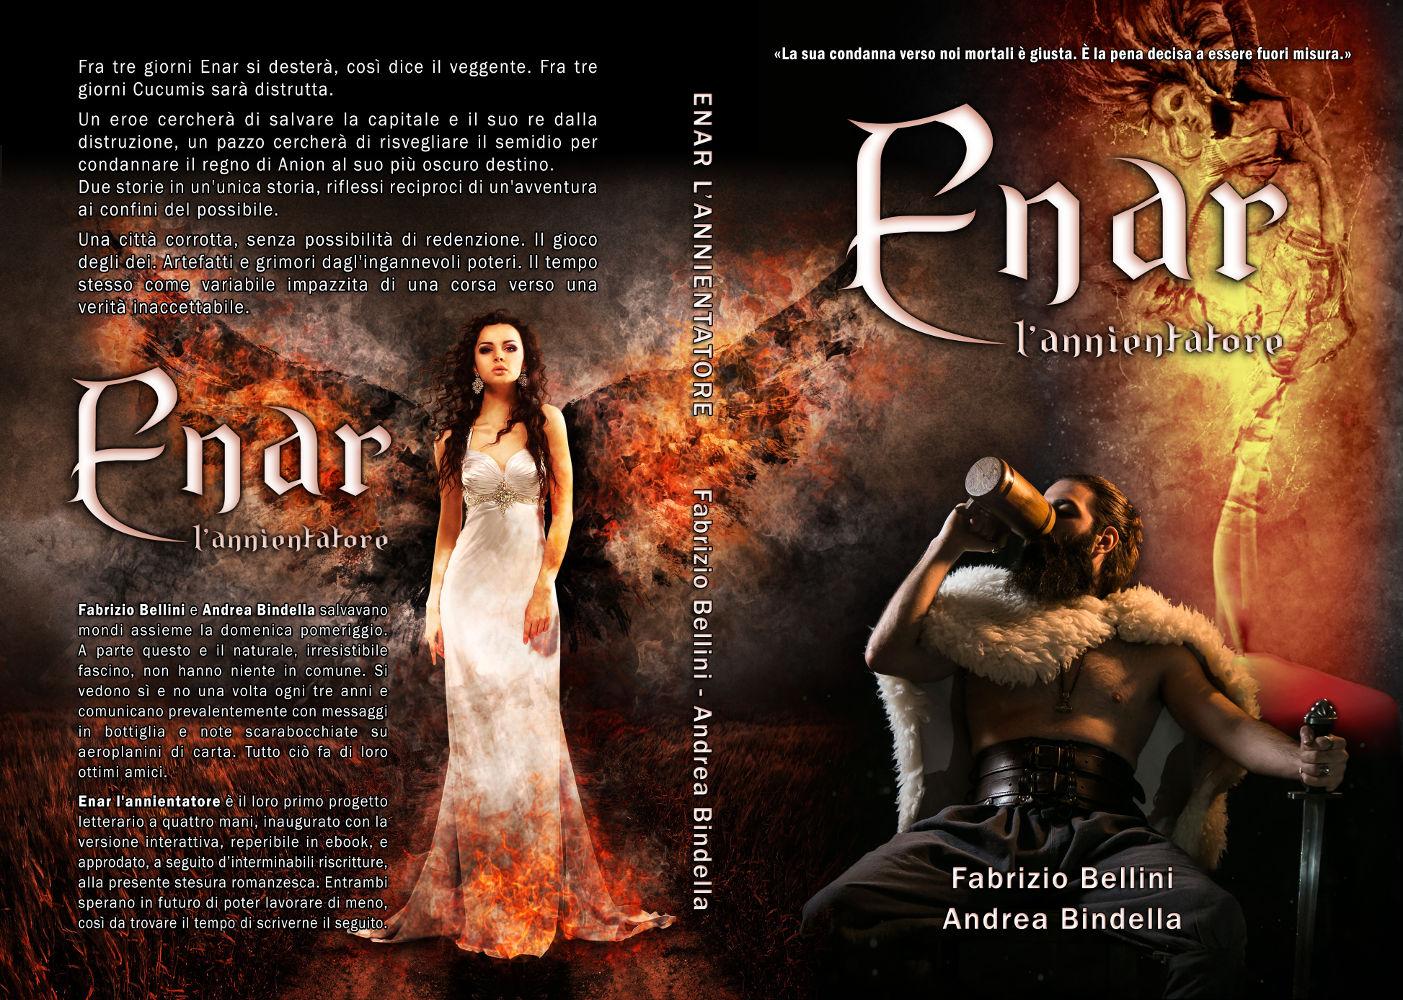 enar annientatore paperback romanzo fantasy maga guerriero andrea bindella autore fabrizio bellini